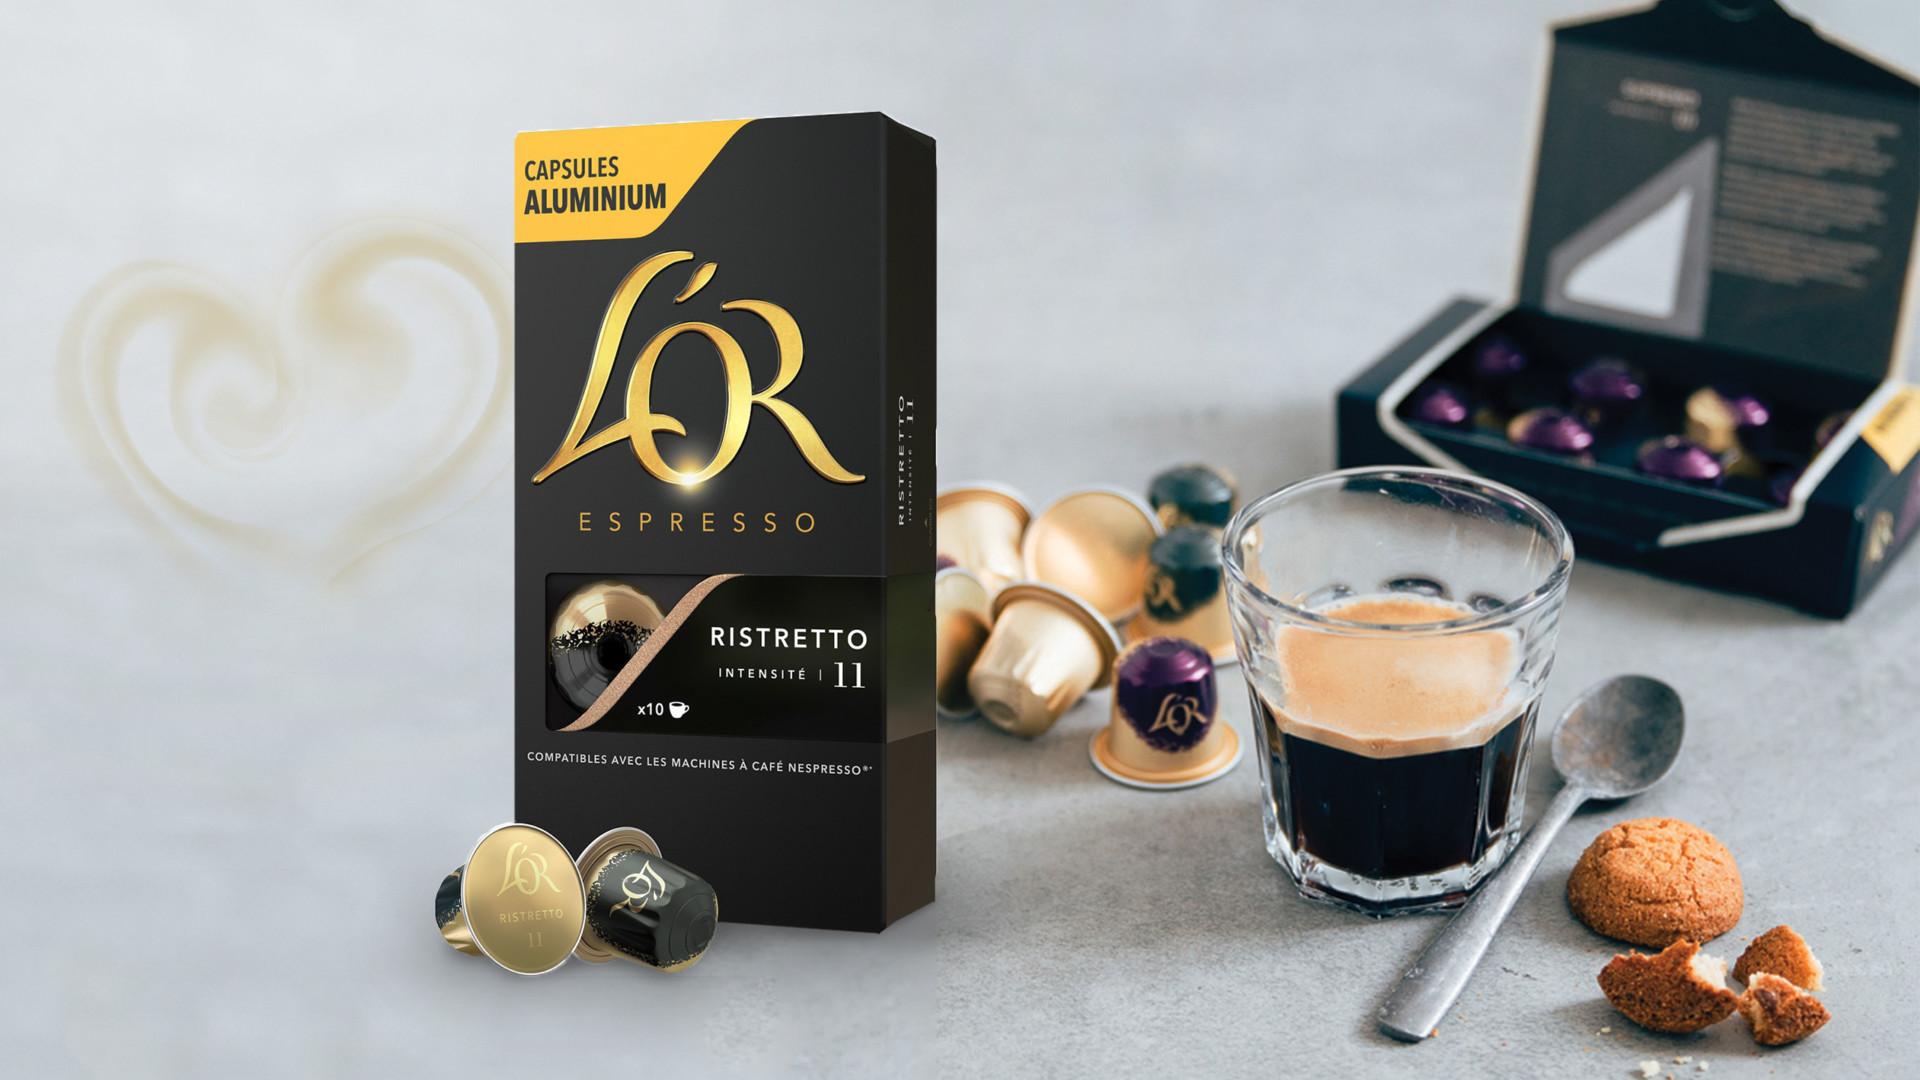 JDE | L'Or Espresso packaging design